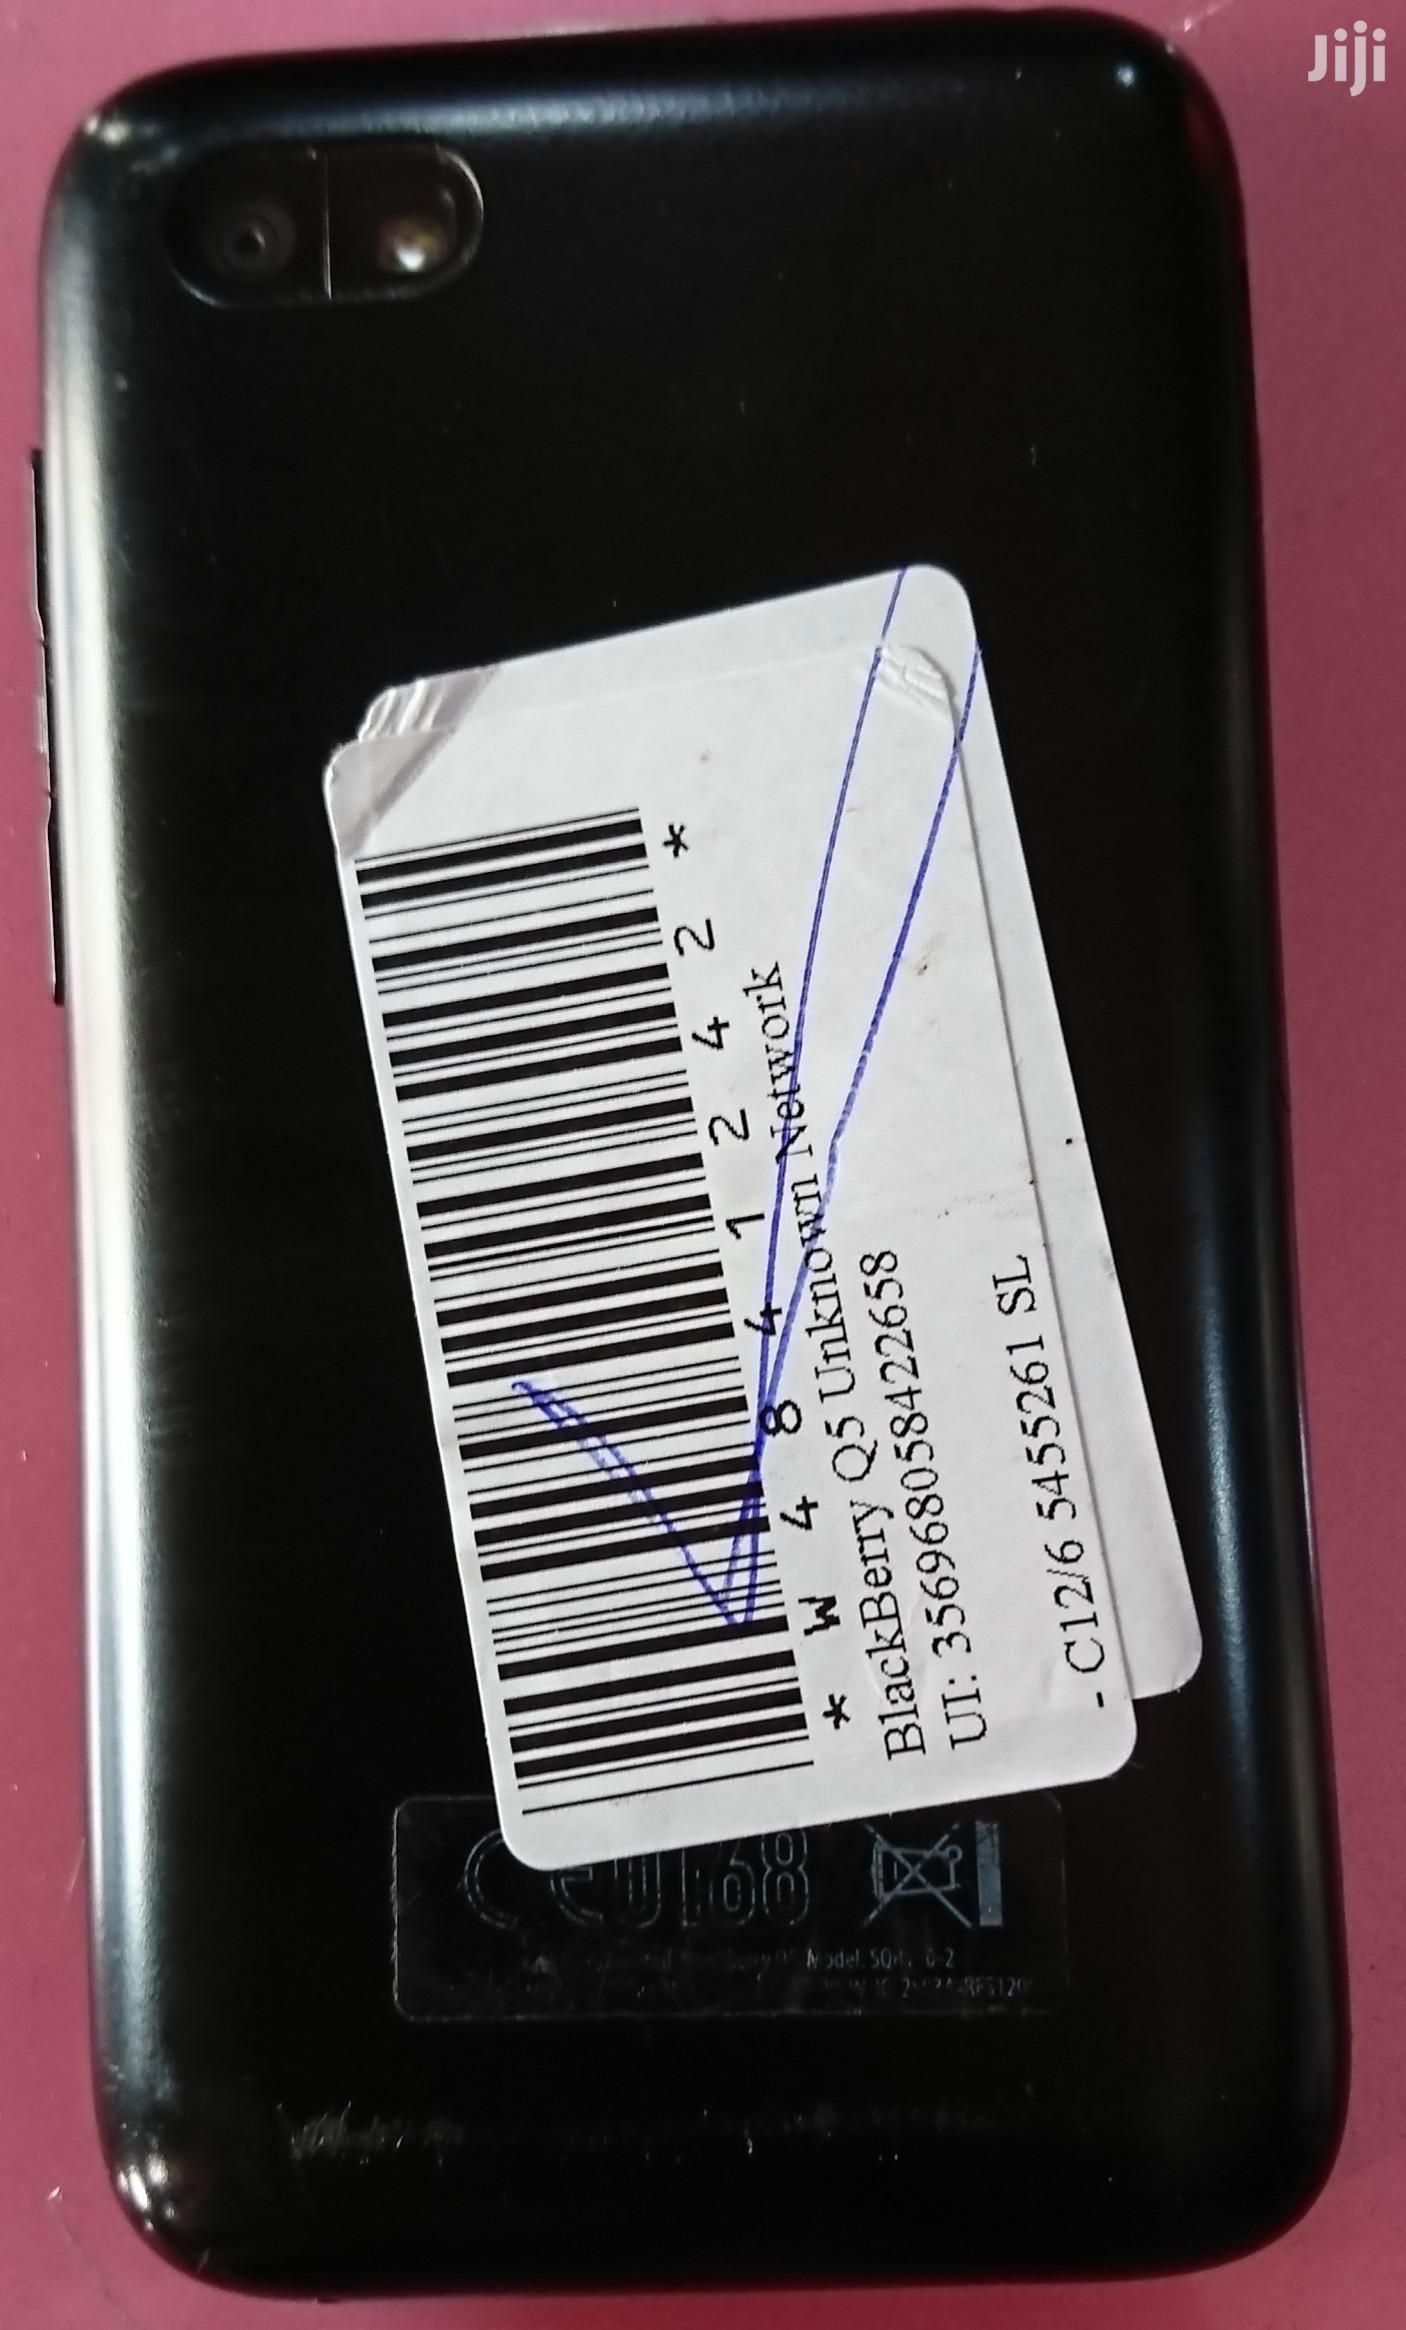 BlackBerry Q5 8 GB Black   Mobile Phones for sale in Lagos State, Nigeria